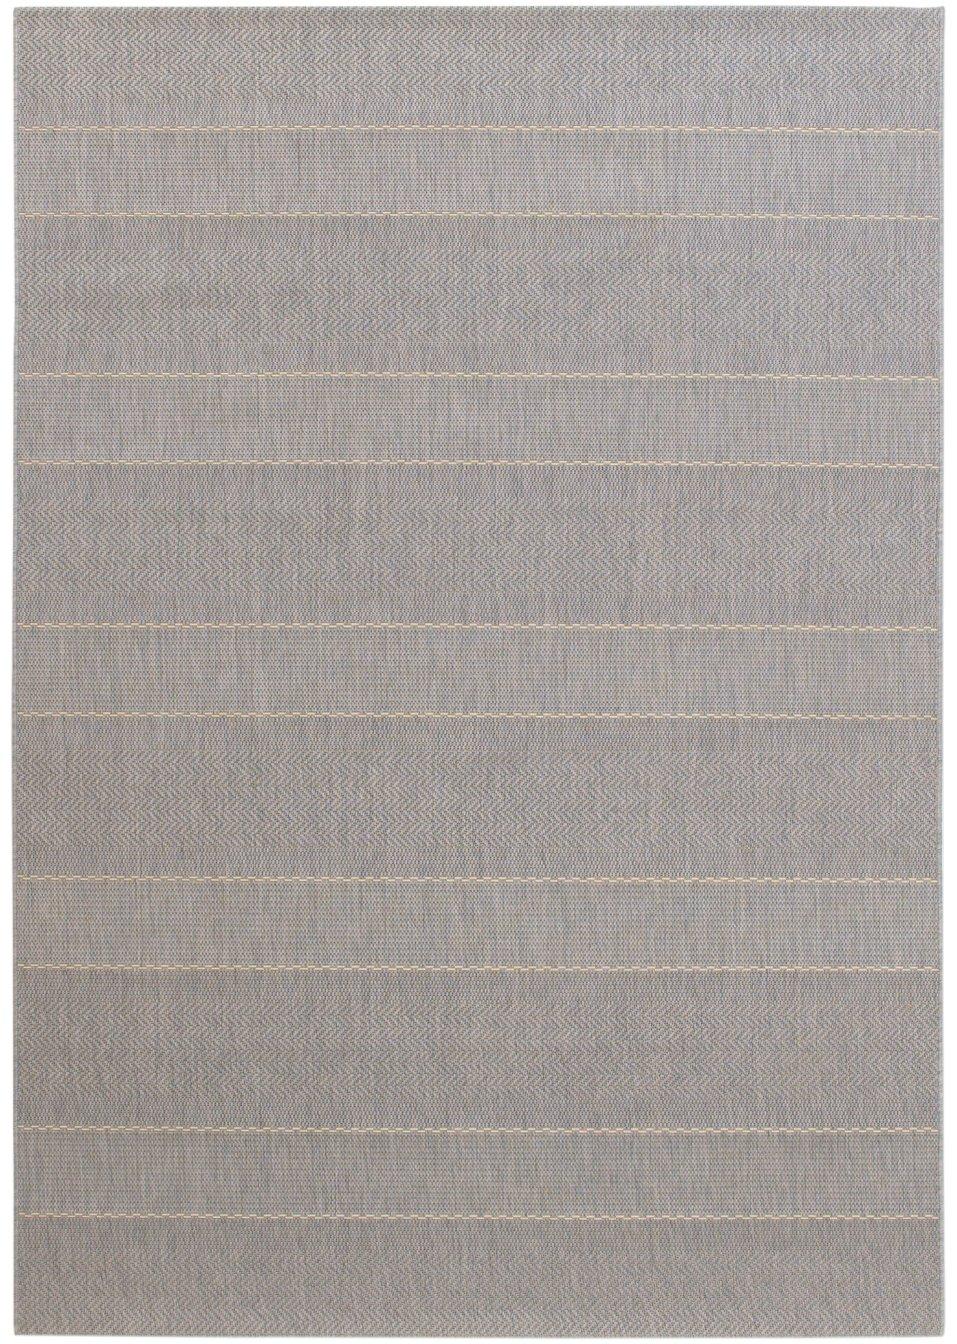 tapis bayreuth usage int rieur et ext rieur gris maison bpc living. Black Bedroom Furniture Sets. Home Design Ideas